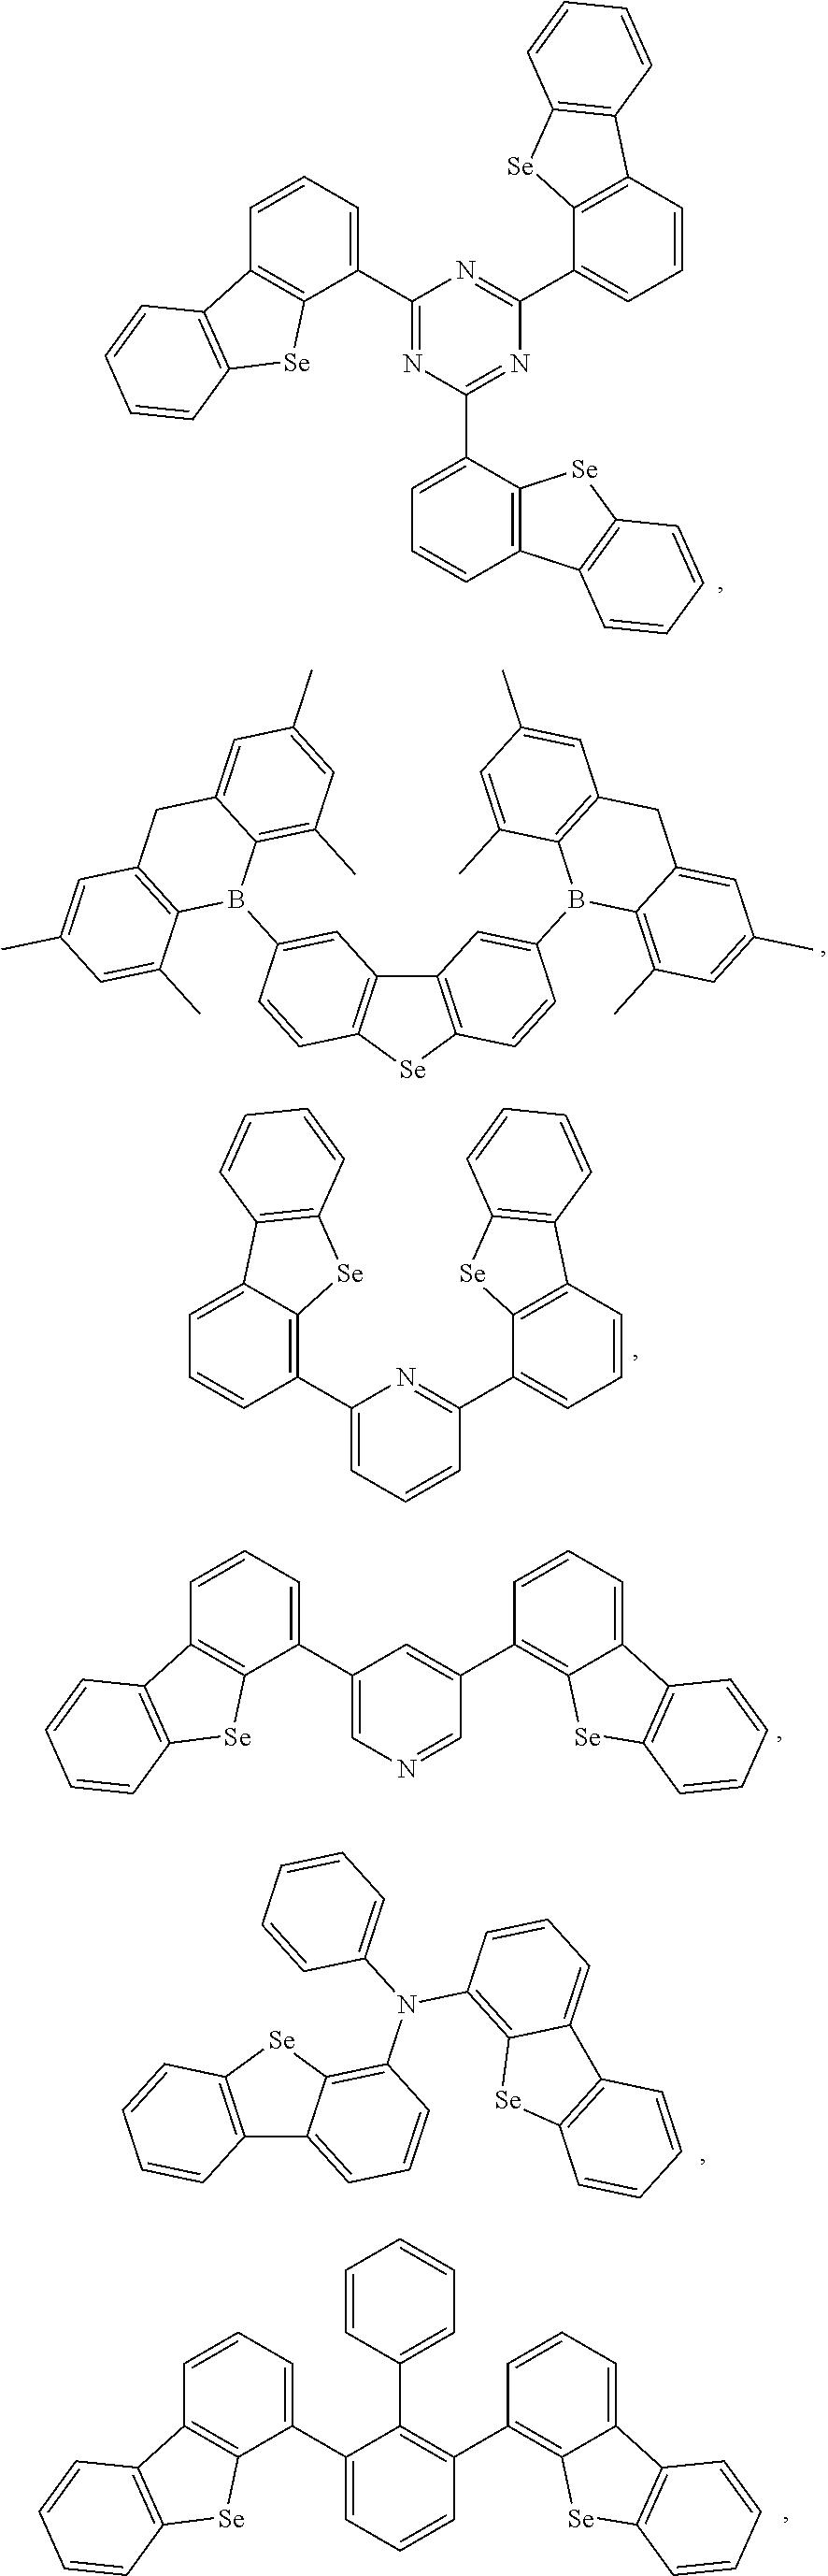 Figure US09455411-20160927-C00221